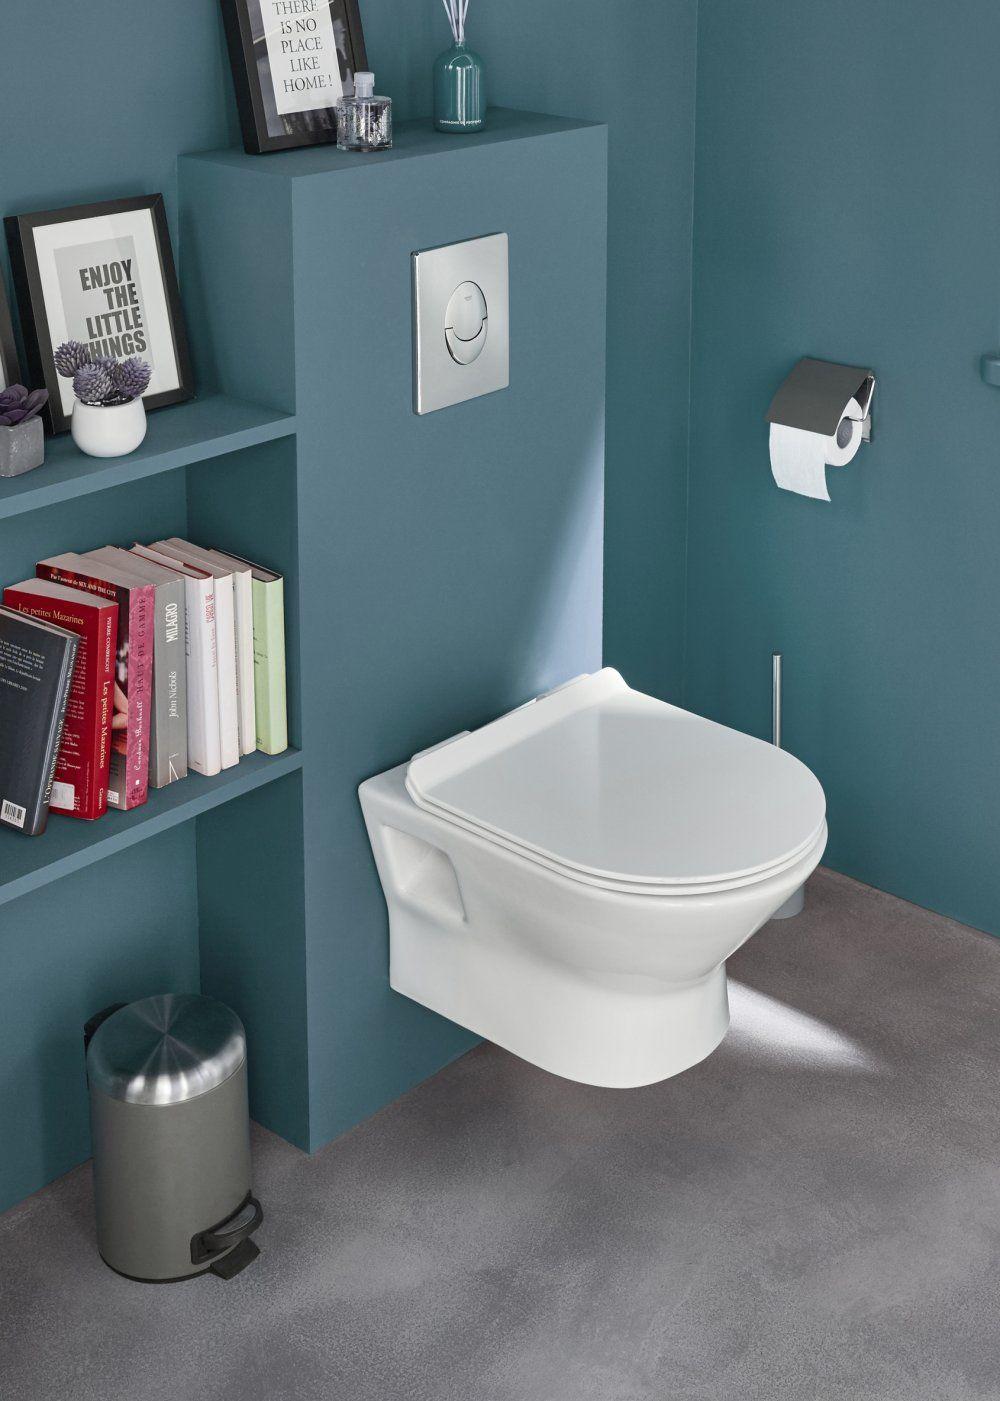 6 Idees Deco Pour Reveiller Les Murs Des Wc Decoration Toilettes Idee Deco Toilettes Deco Toilettes